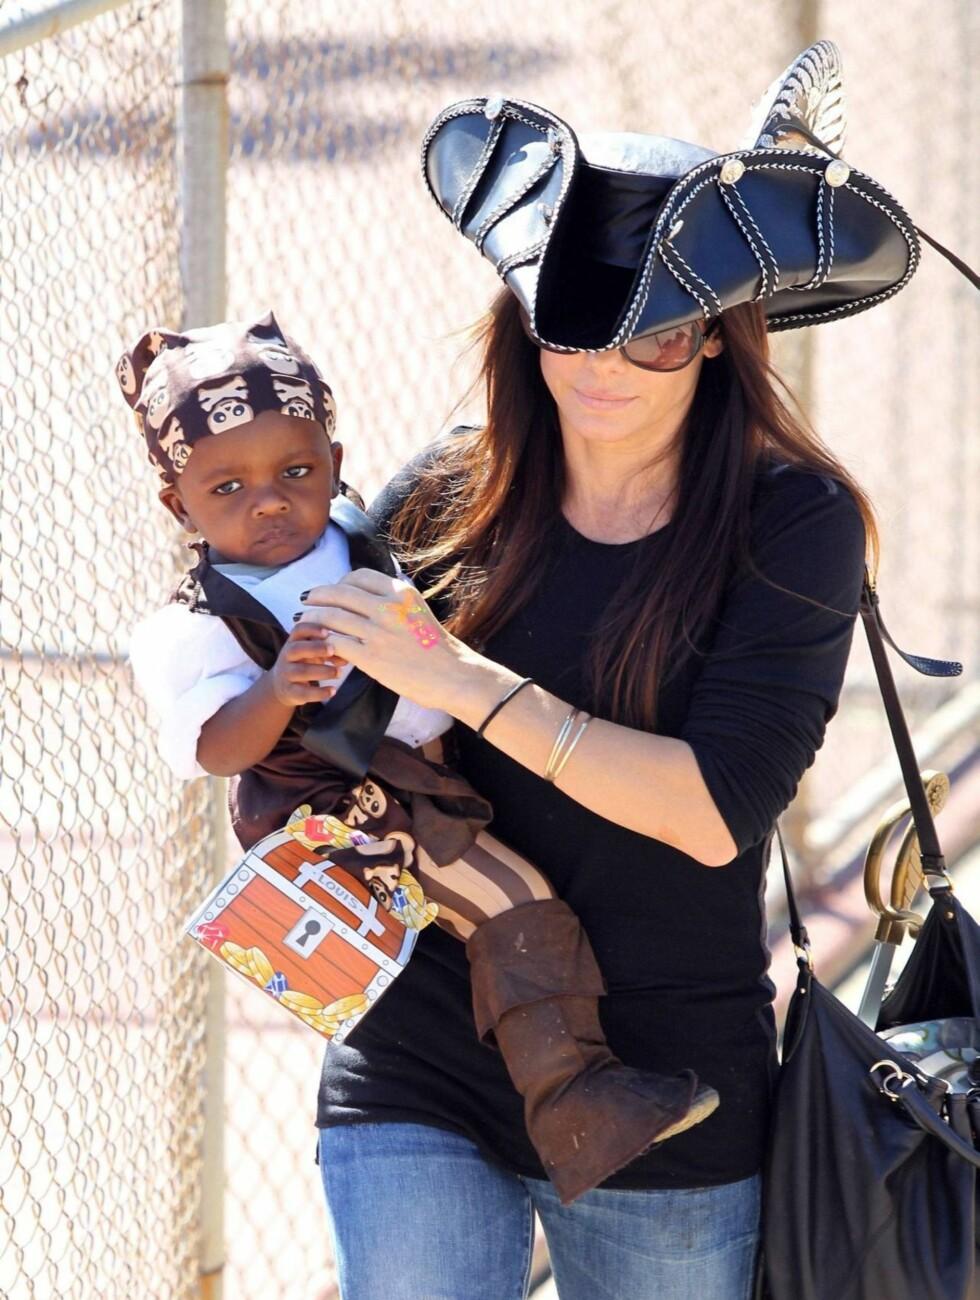 LITEN PIRAT: Både Louis og Sandra hadde kledd seg ut som sjørøvere i barnebursdag.  Foto: All Over Press